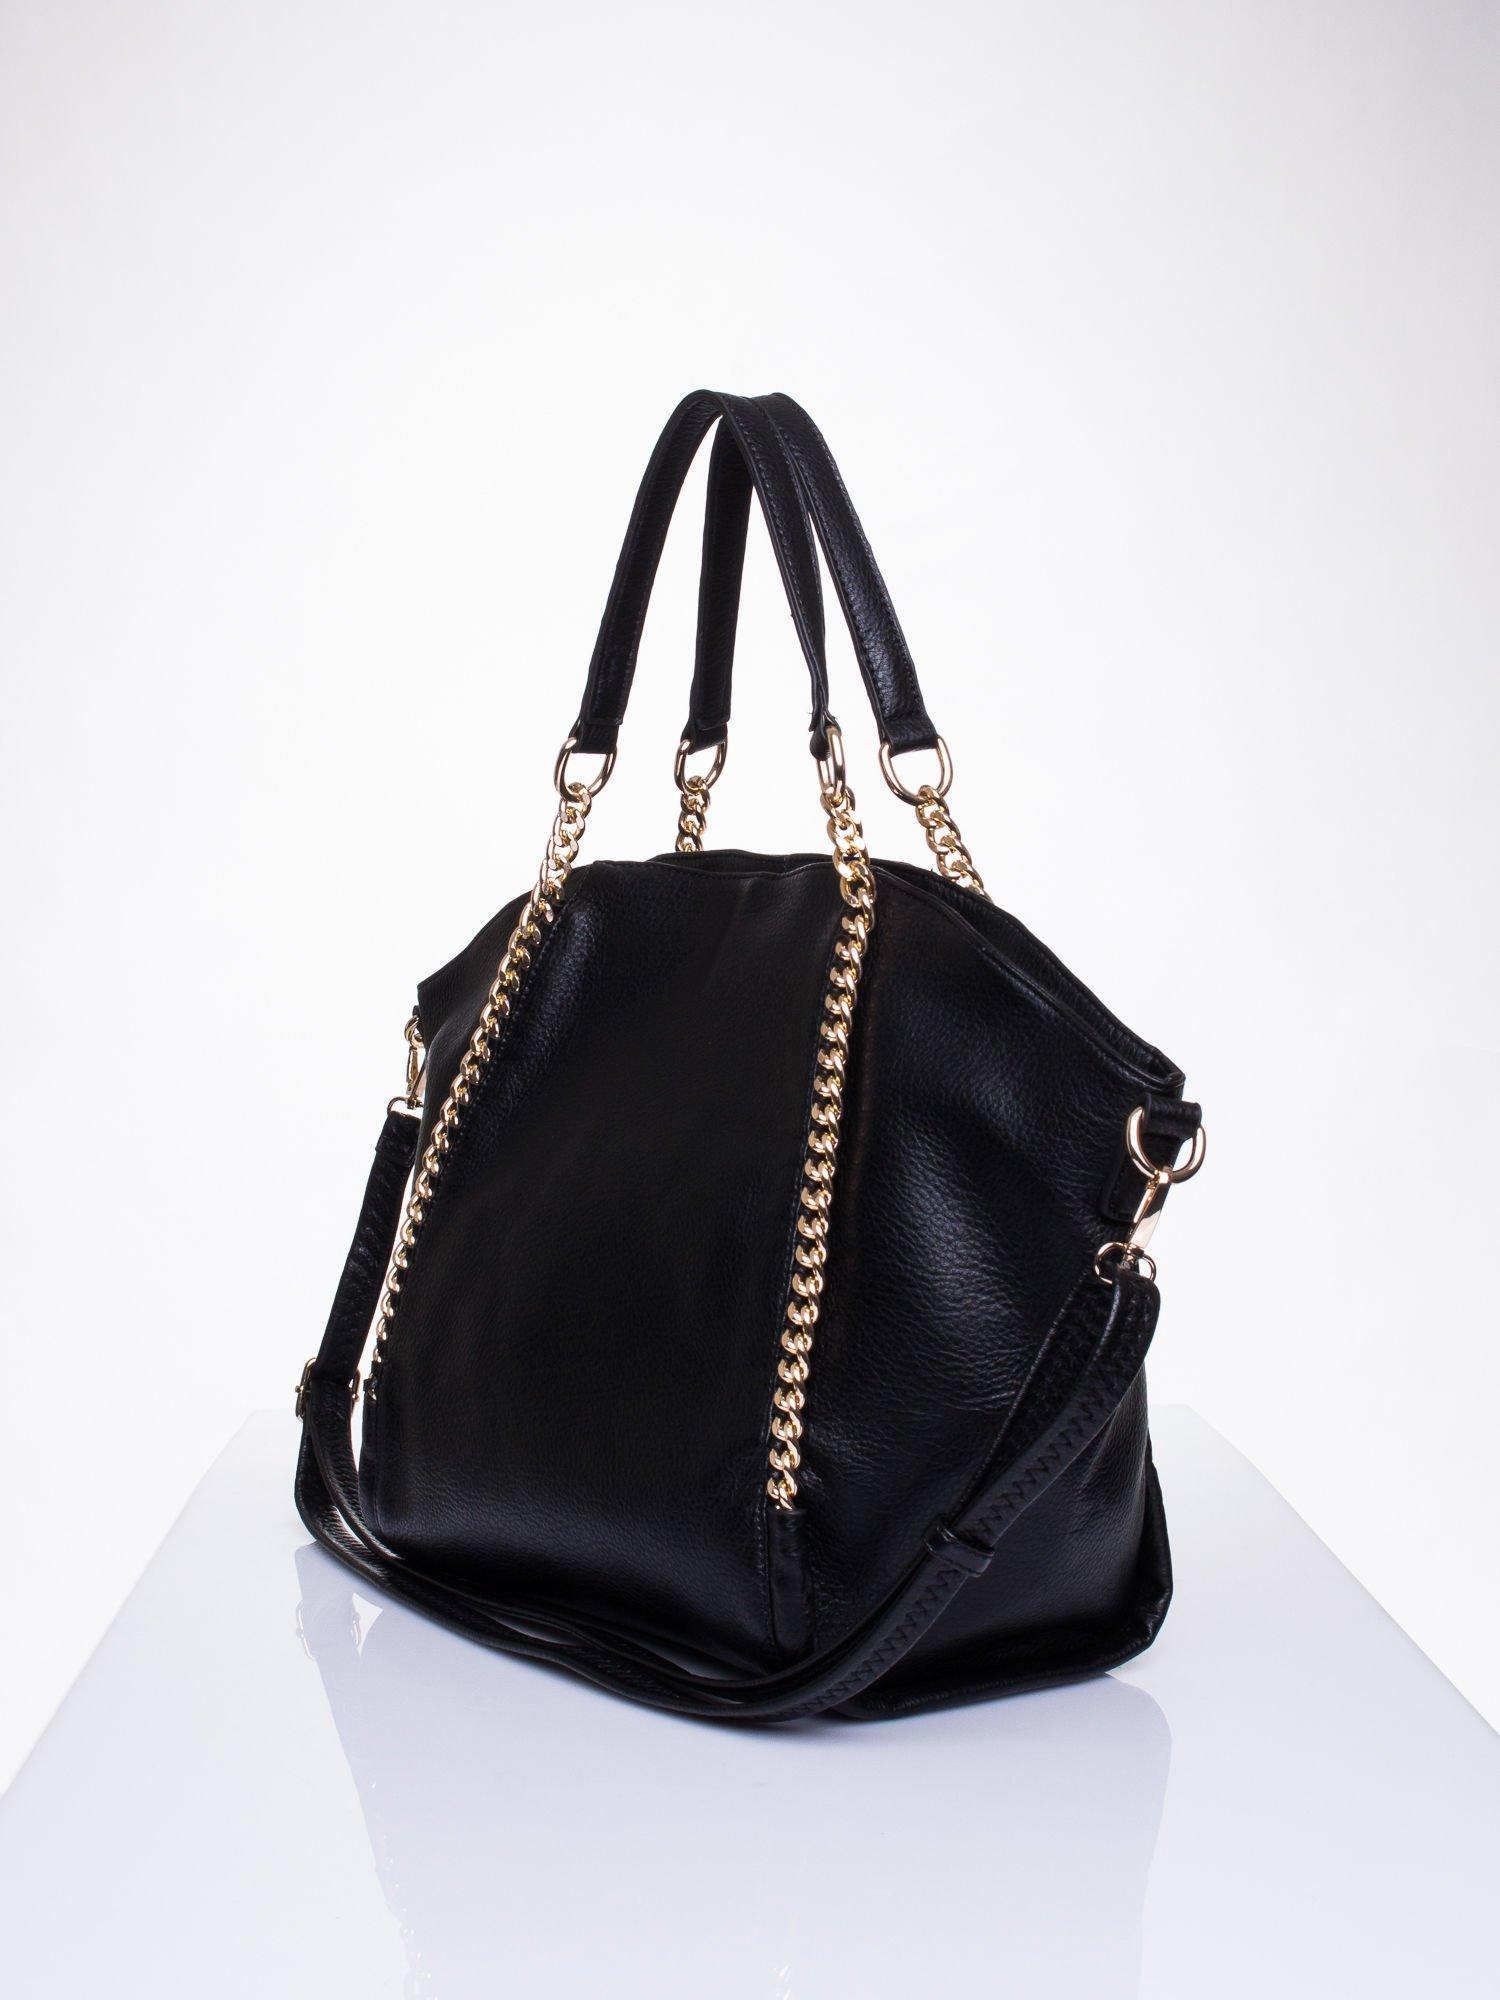 Czarna torba shopper bag ze złotymi łańcuchami                                  zdj.                                  3